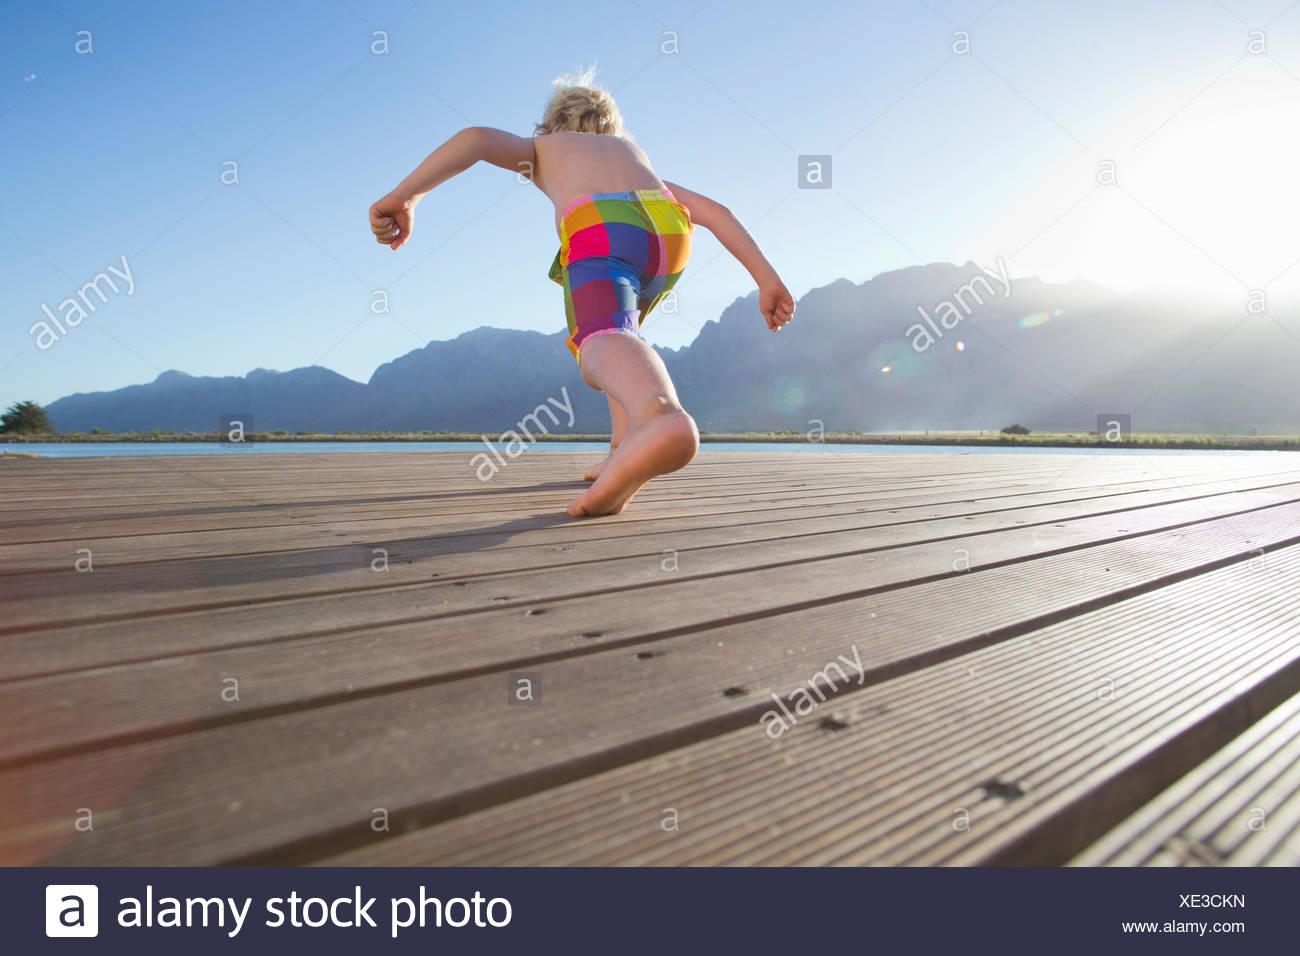 Ragazzo in esecuzione a saltare in un lago da un pontile Immagini Stock